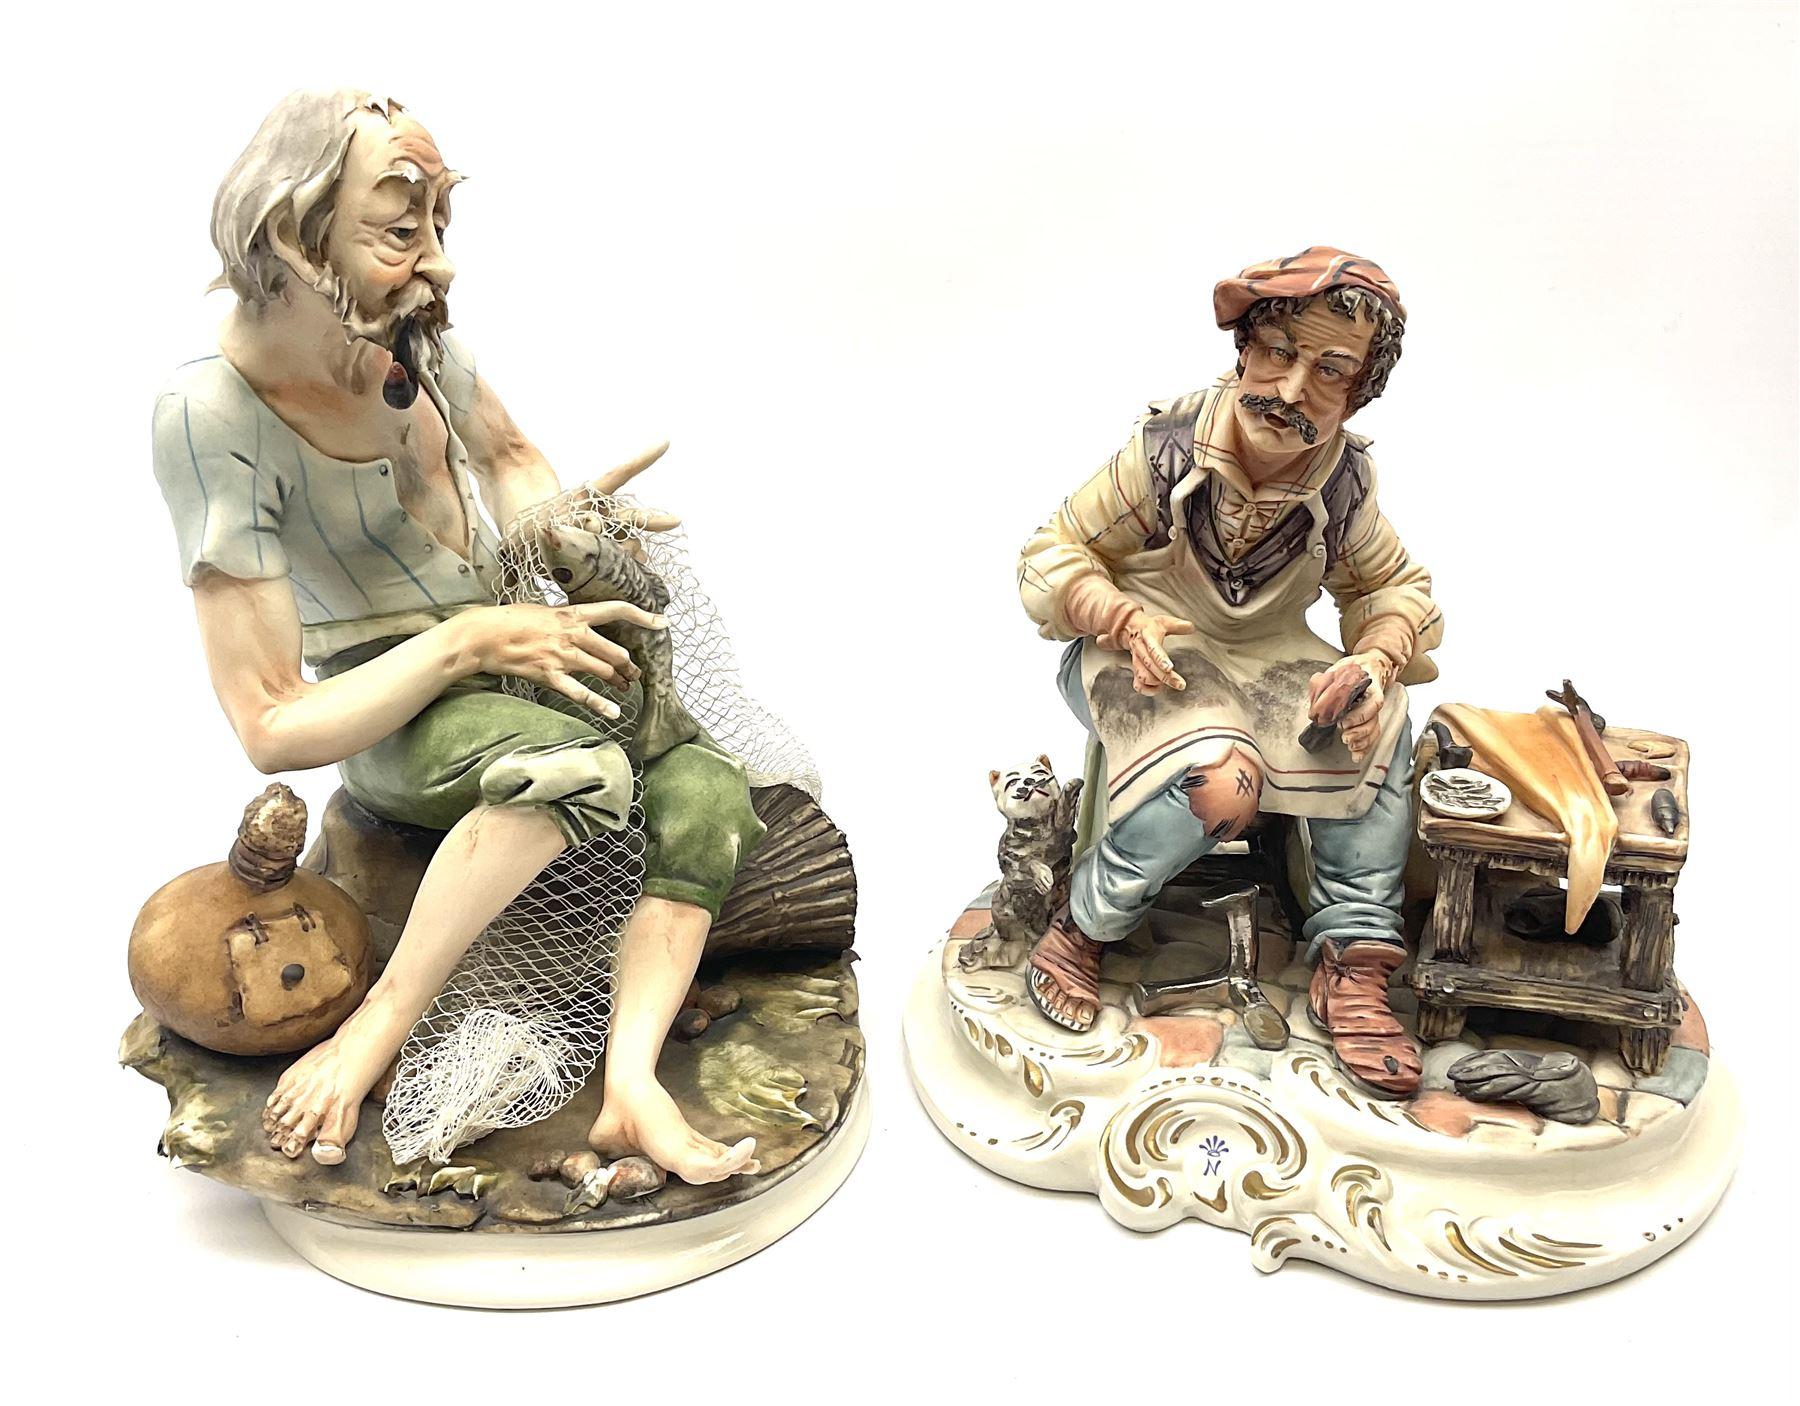 Two Capodimonte figures